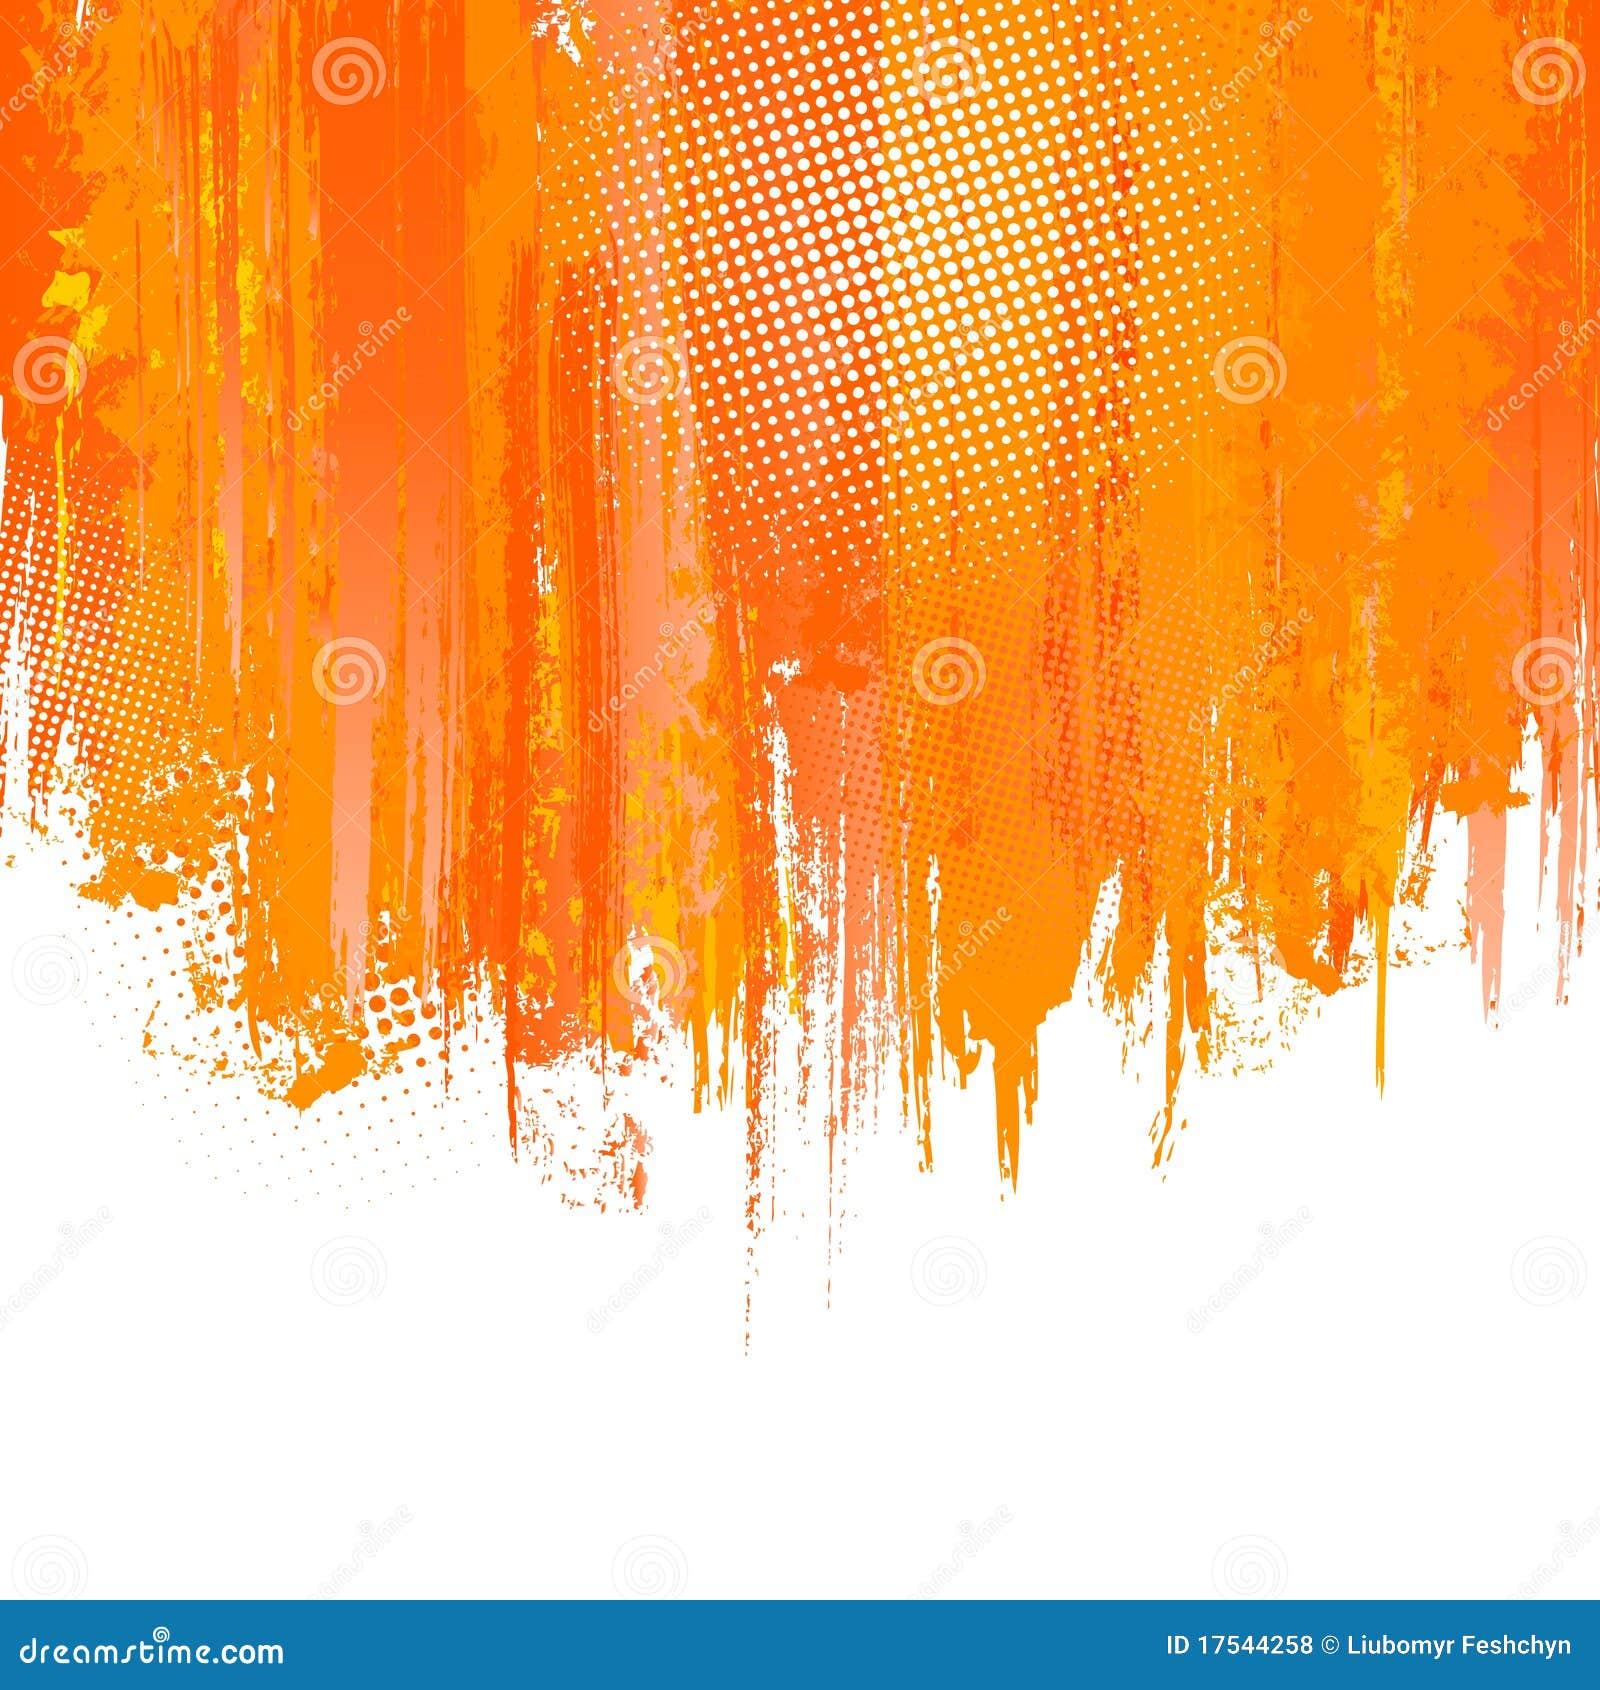 La vernice arancione spruzza la priorità bassa. Vettore